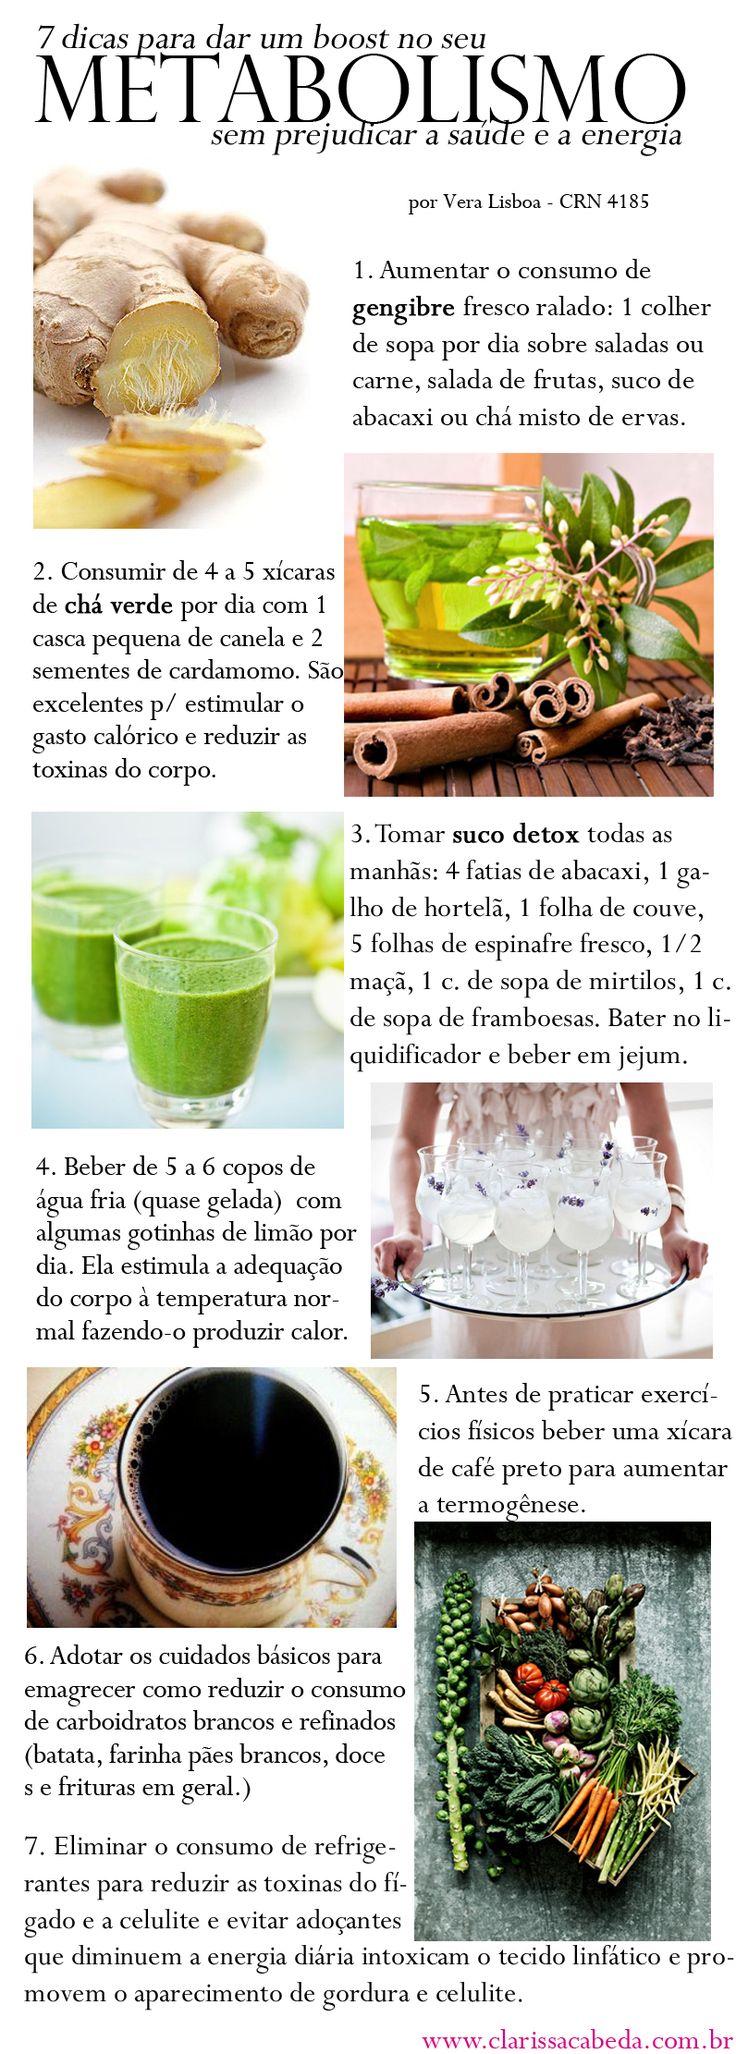 http://www.clarissacabeda.com.br/wp-content/uploads/2013/09/dicas-para-acelerar-o-metabolismo-1.jpg